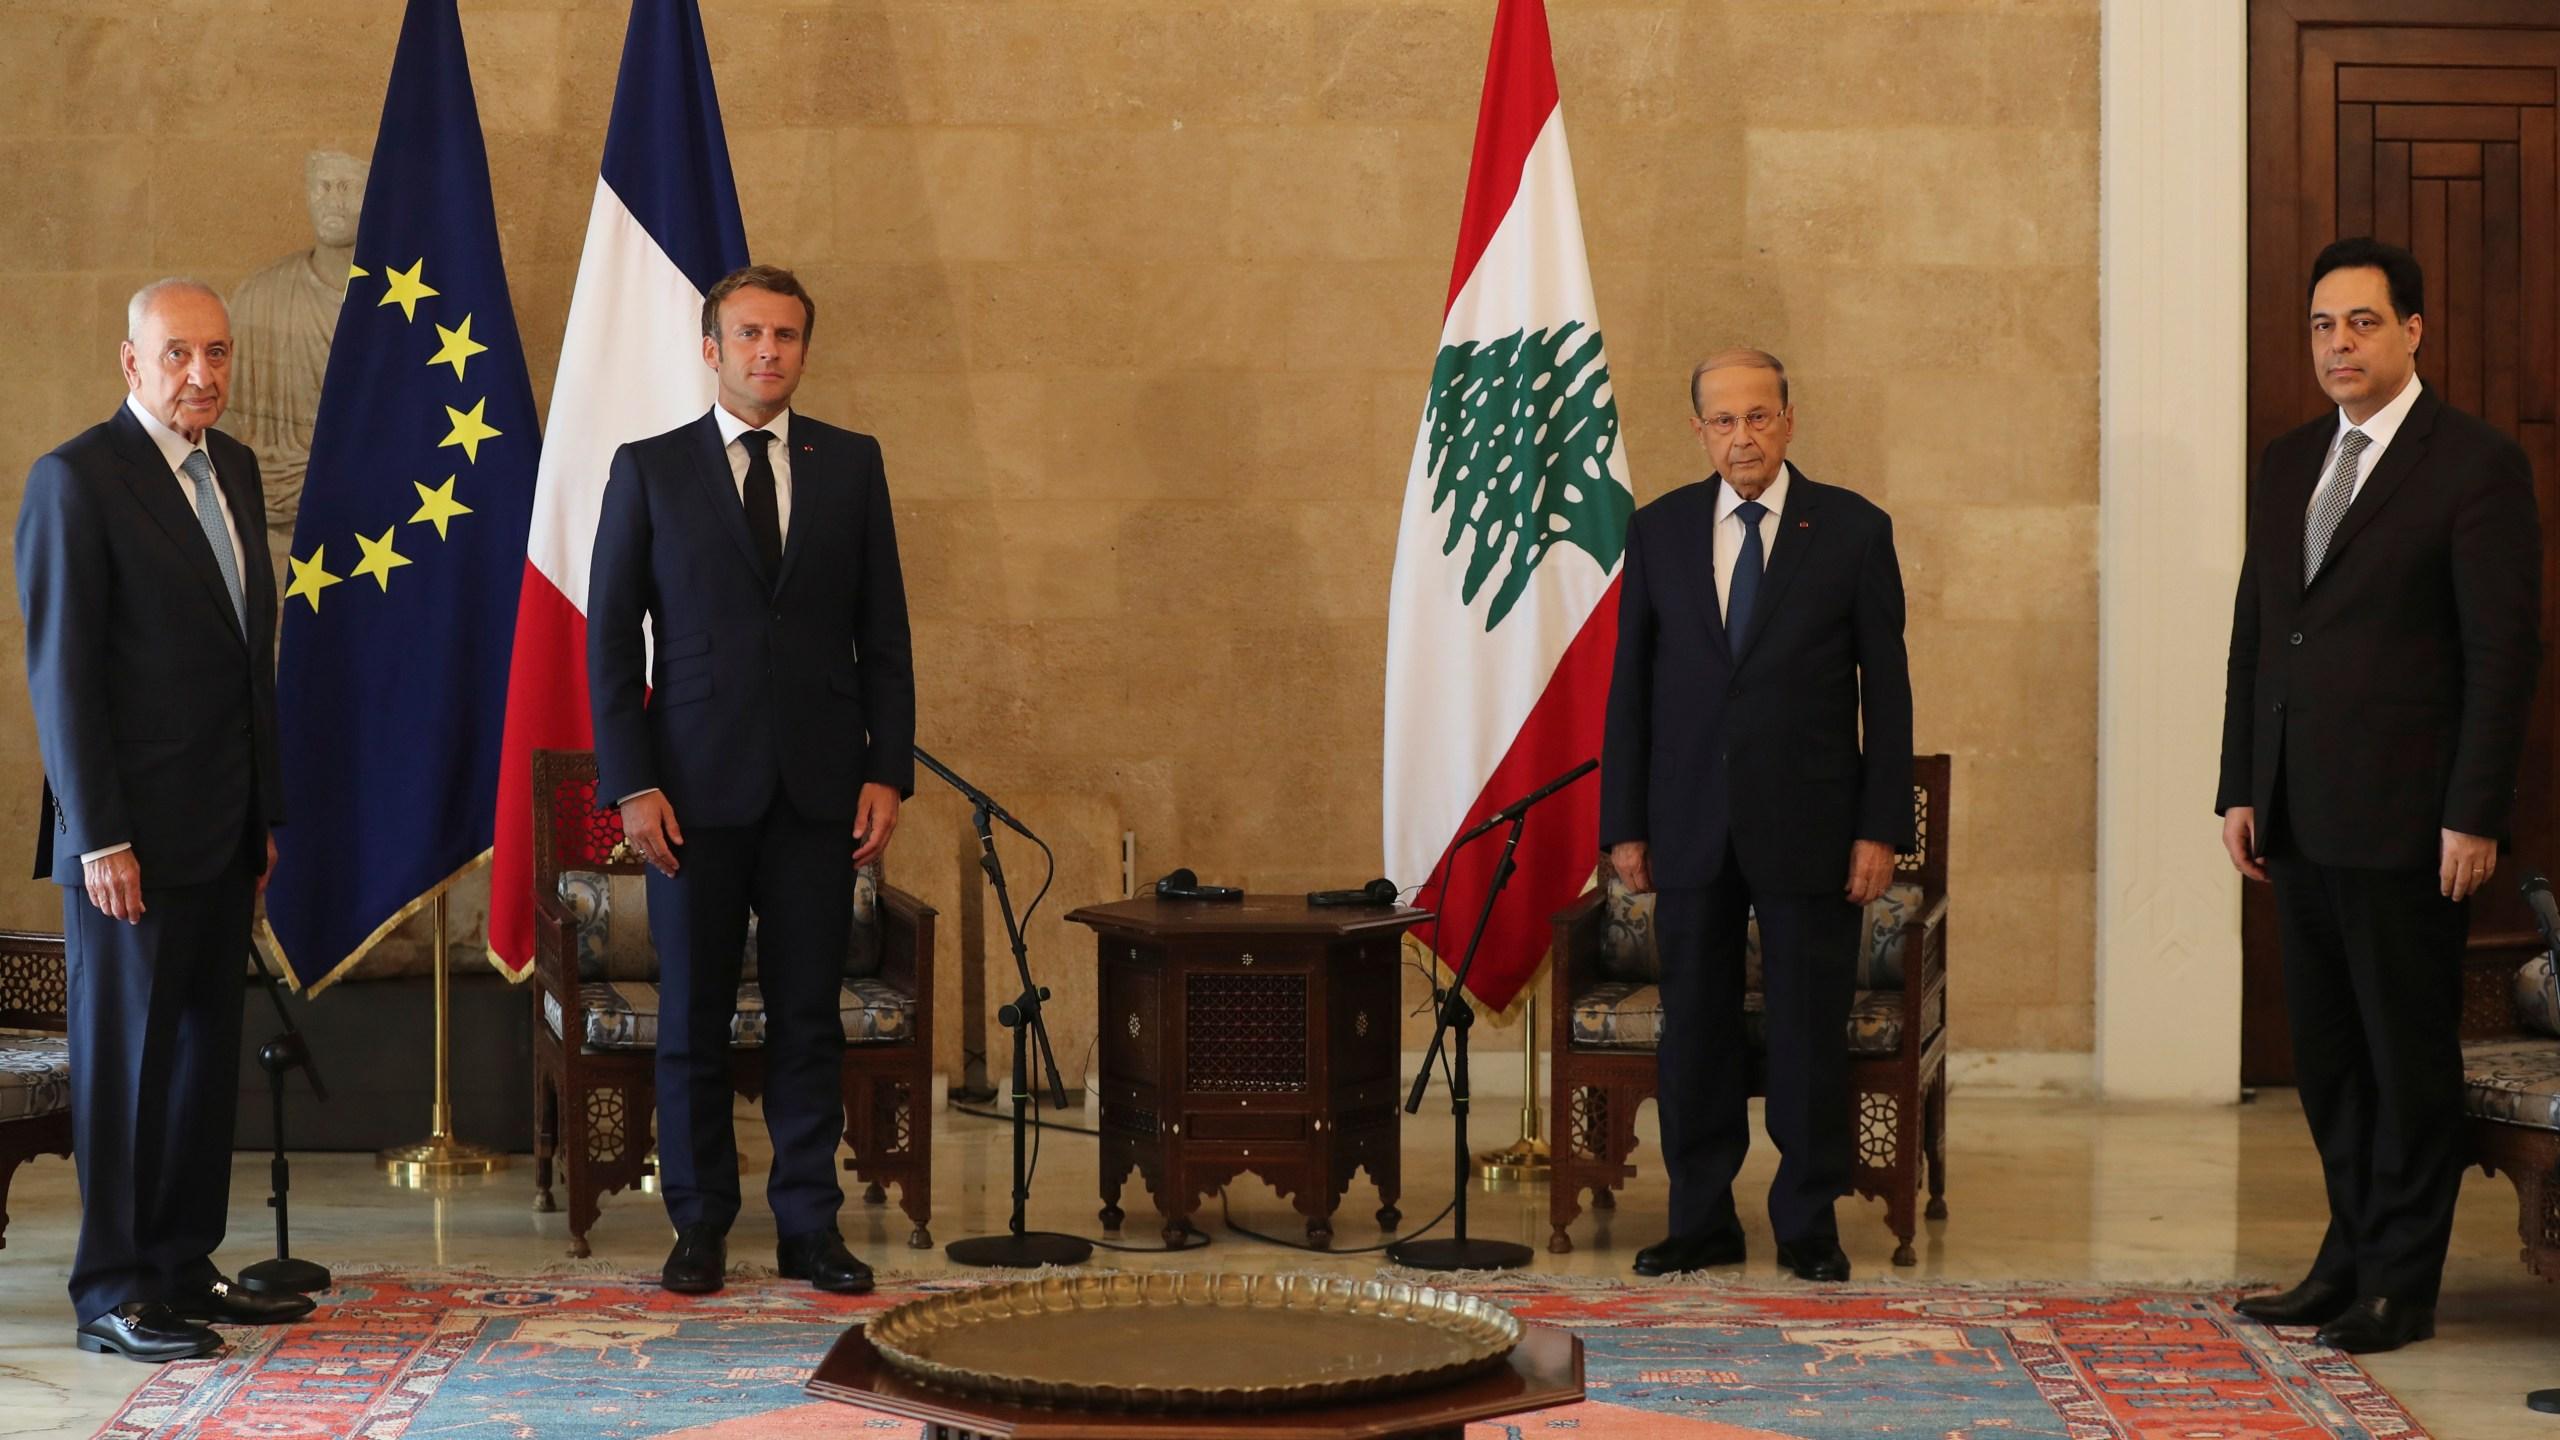 Emmanuel Macron, Michel Aoun